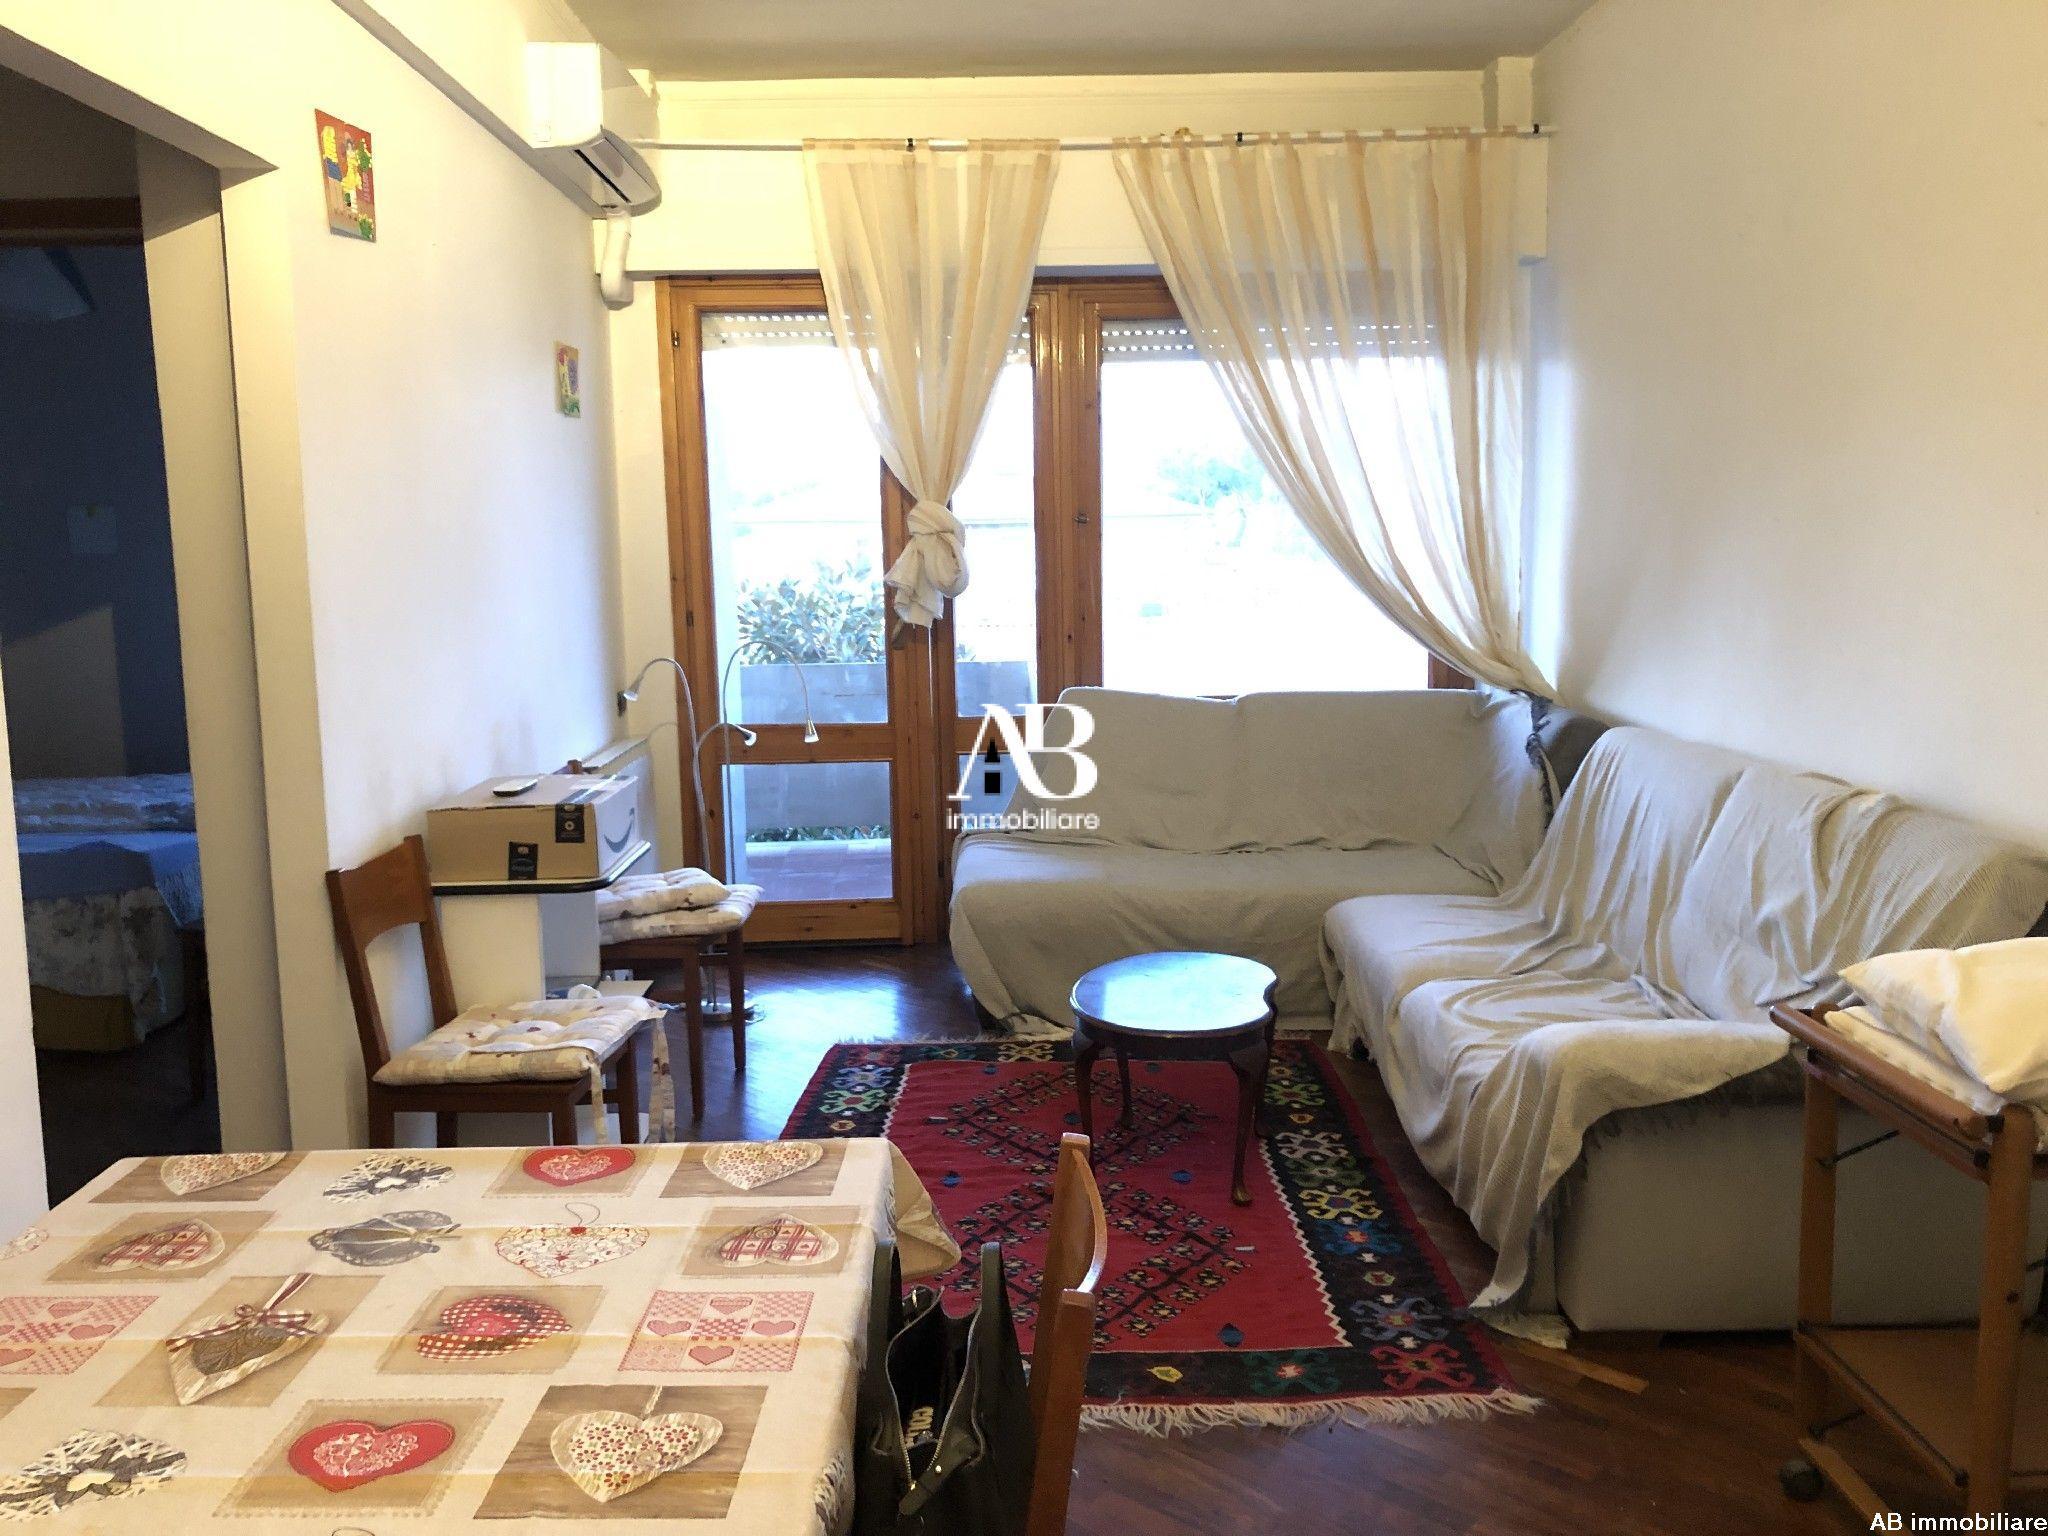 Appartamento su due livelli con 3 camere